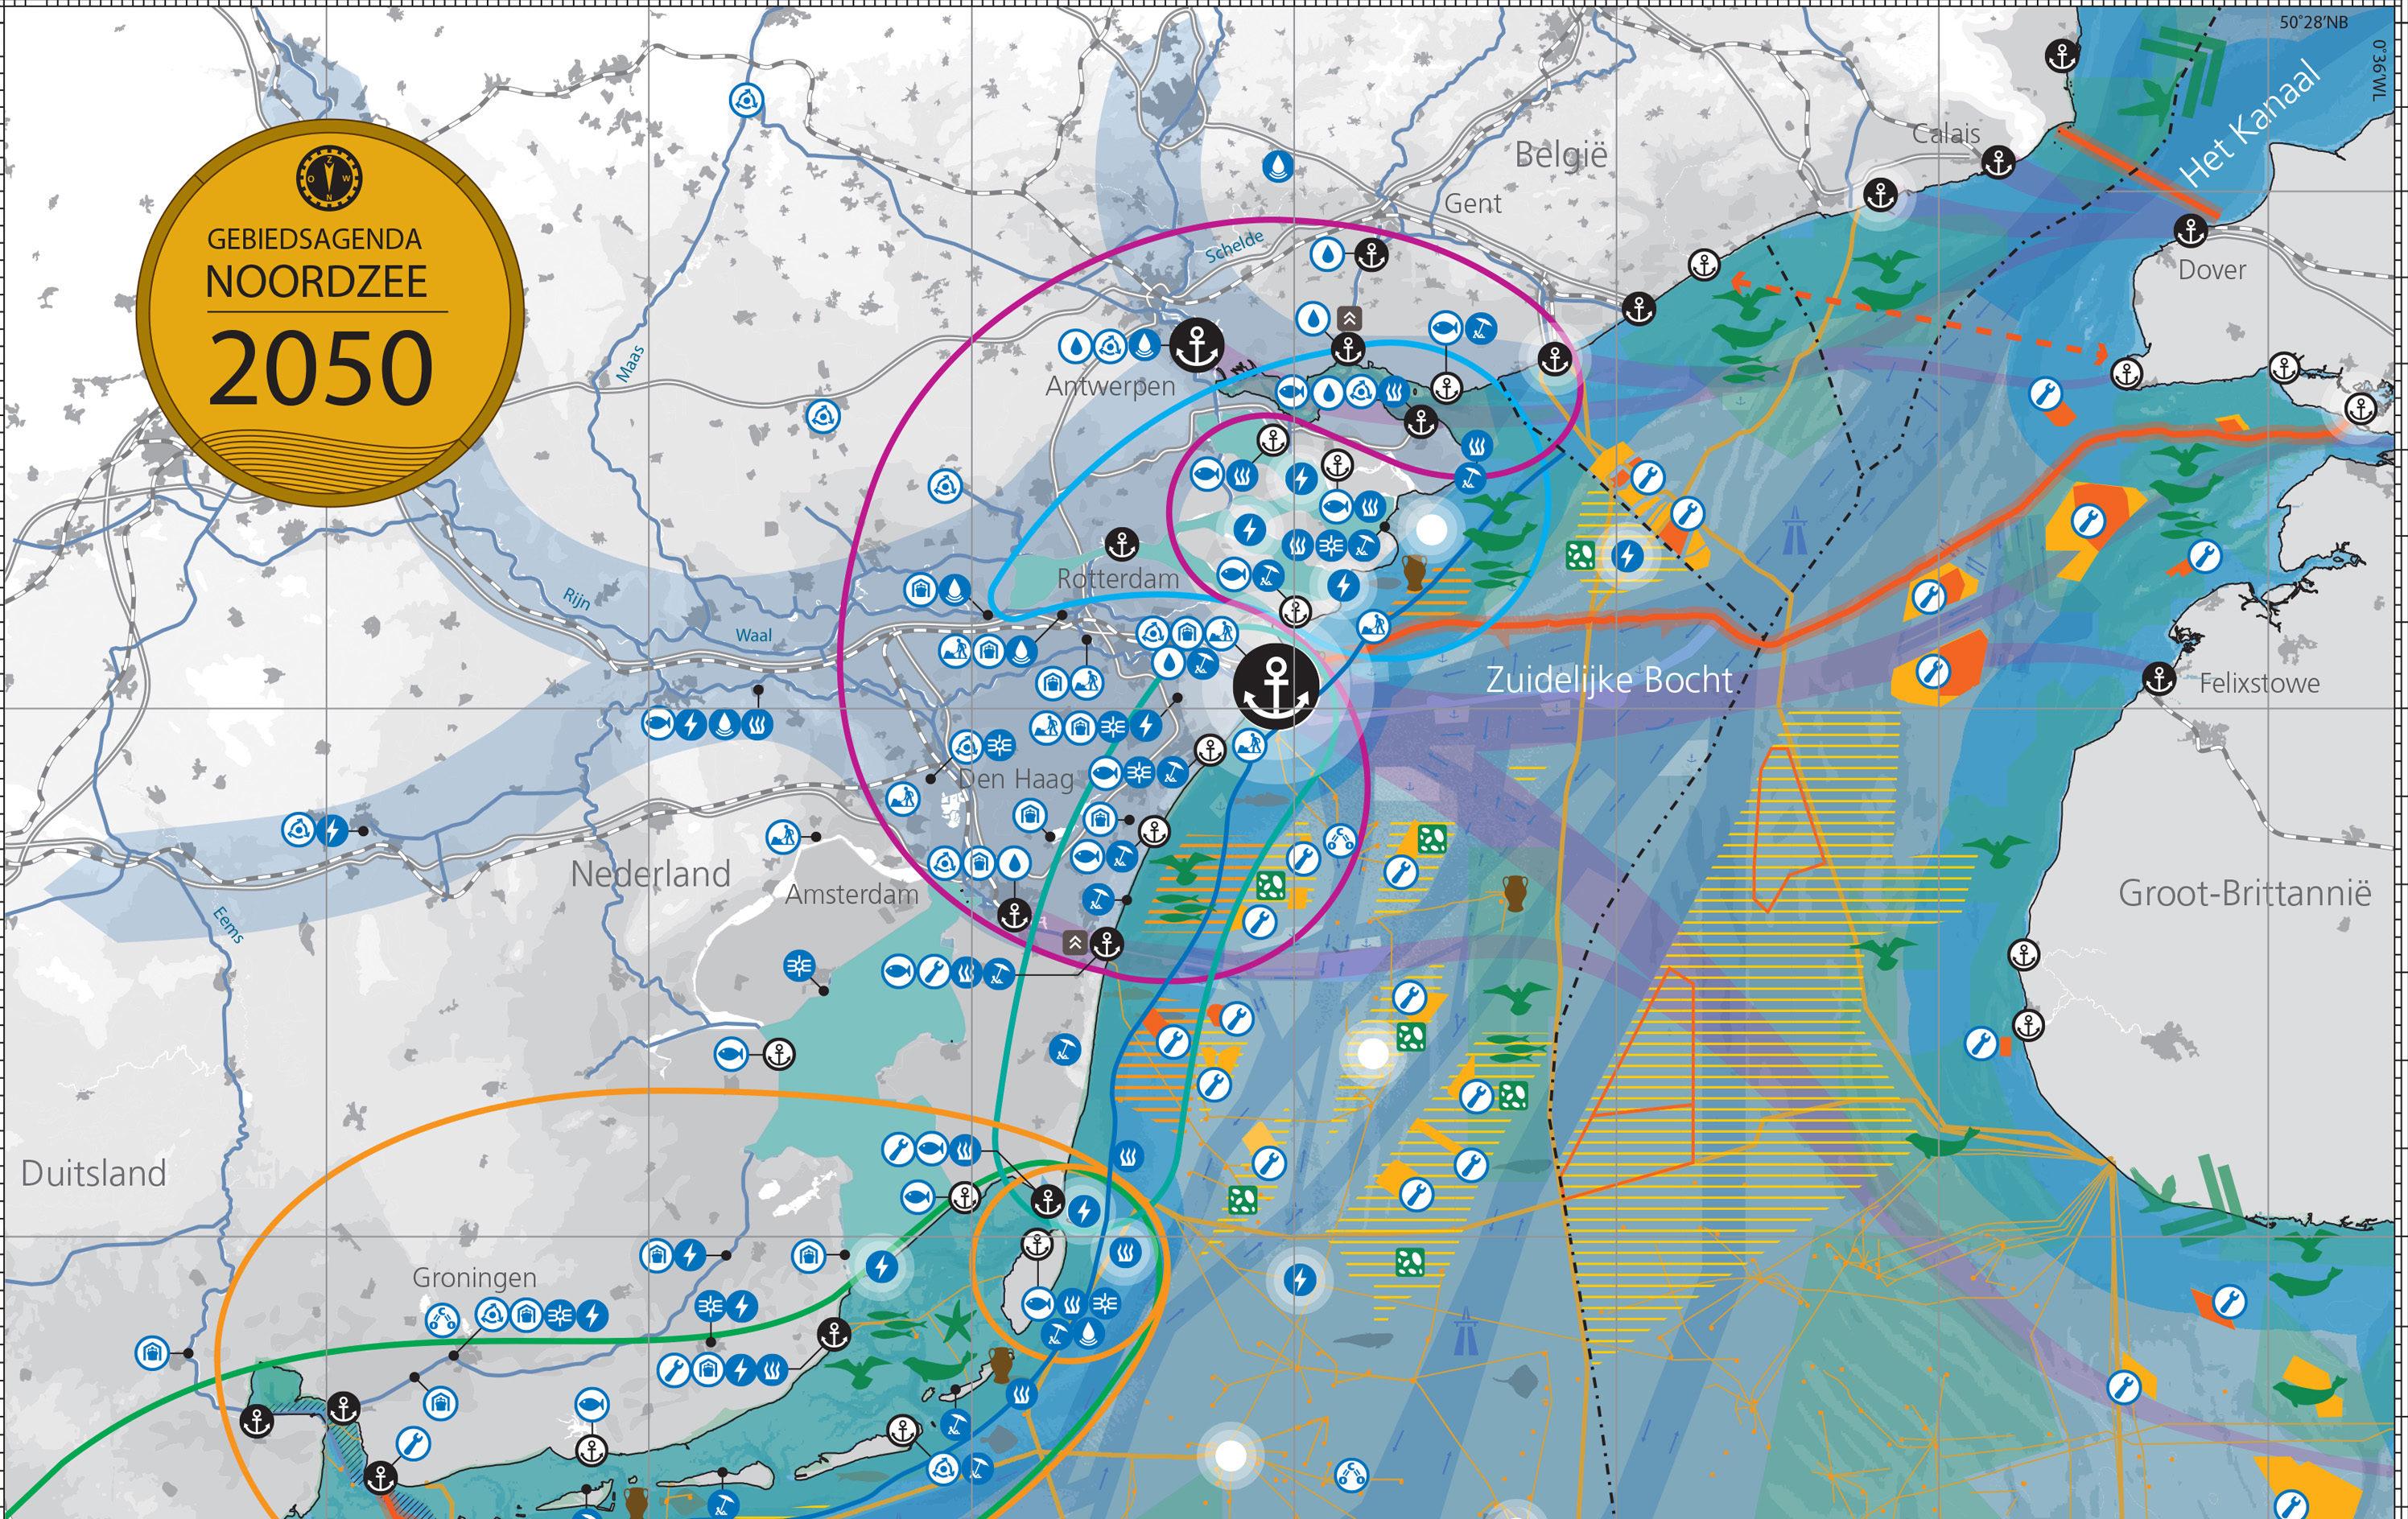 ©MUST Kaart van de Noordzee voor de Gebiedsagenda Noordzee 2050